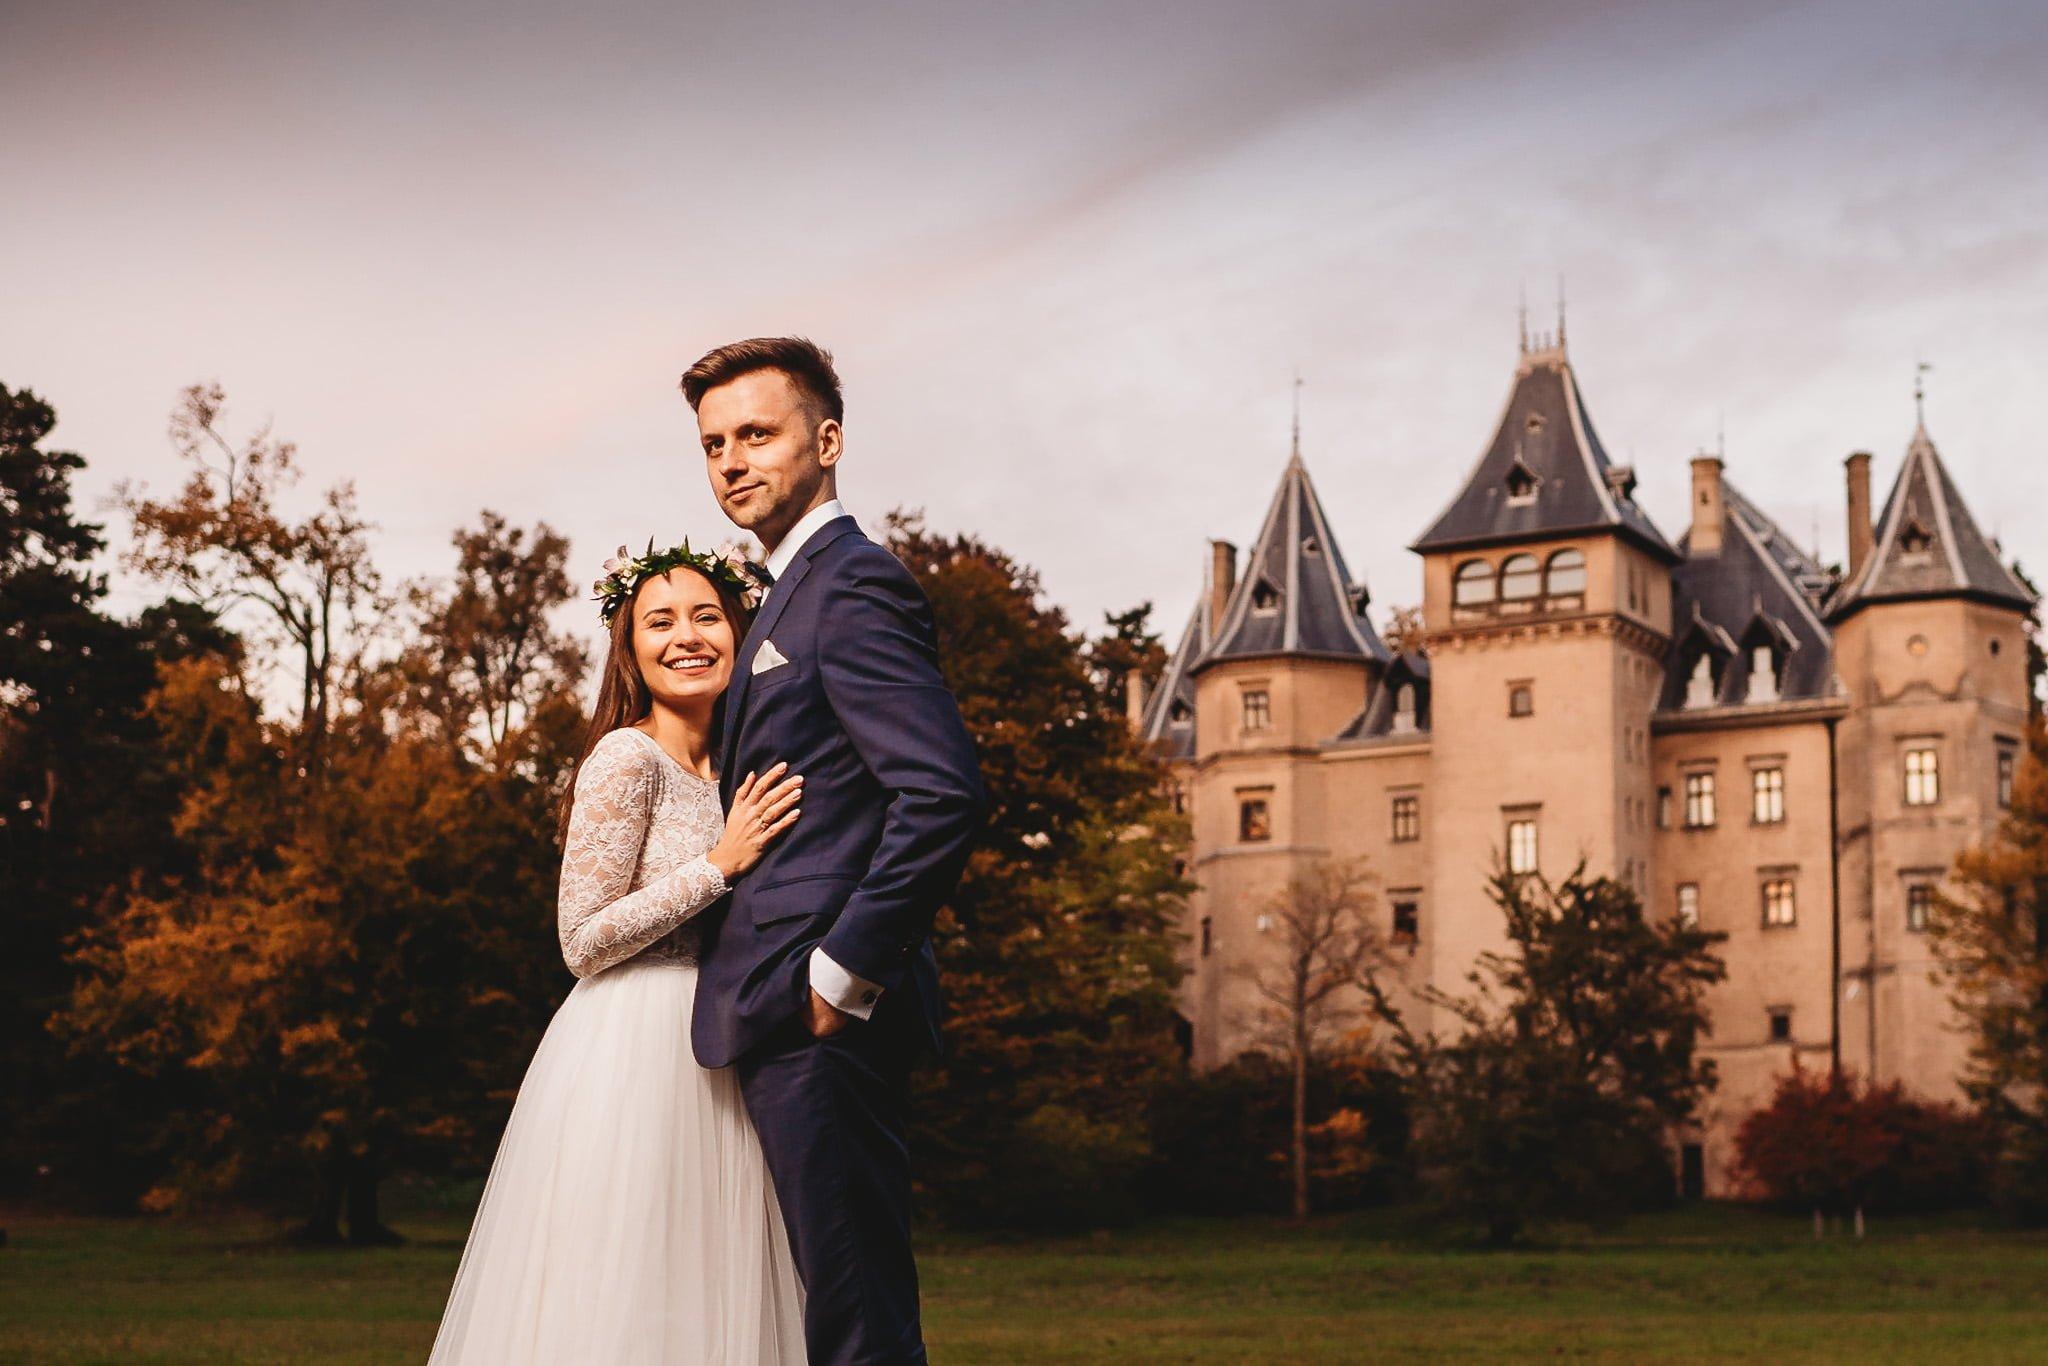 Fantastyczny ślub w stylu rustykalnym, wesele w Kapitańskiej  fotograf ślubny Konin 557